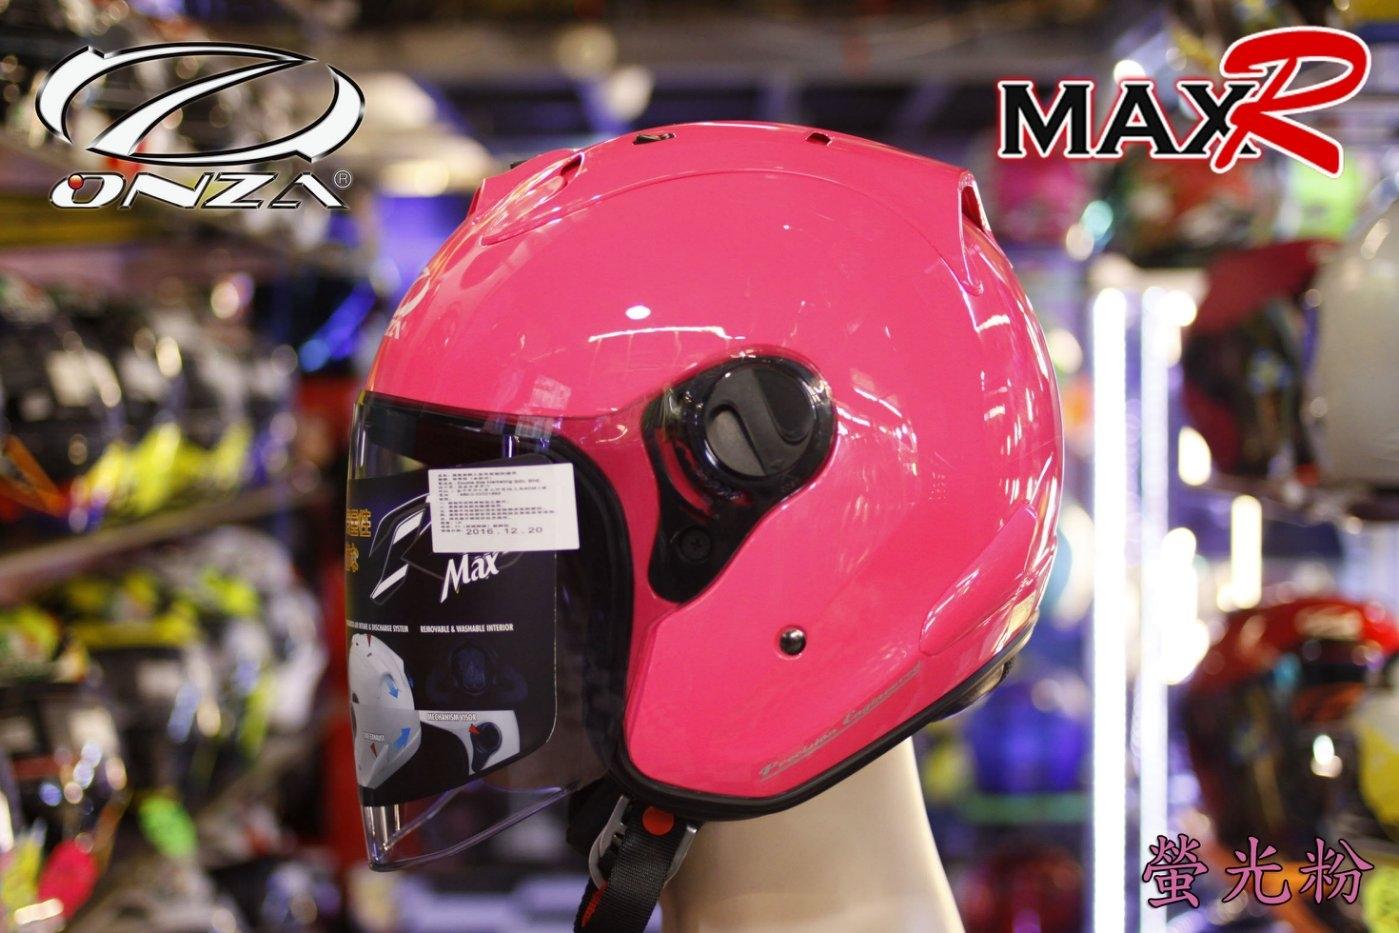 中壢安信ONZA MAX-R MAXR素色螢光粉半罩安全帽買就送價值500元墨片電鍍七彩二選一